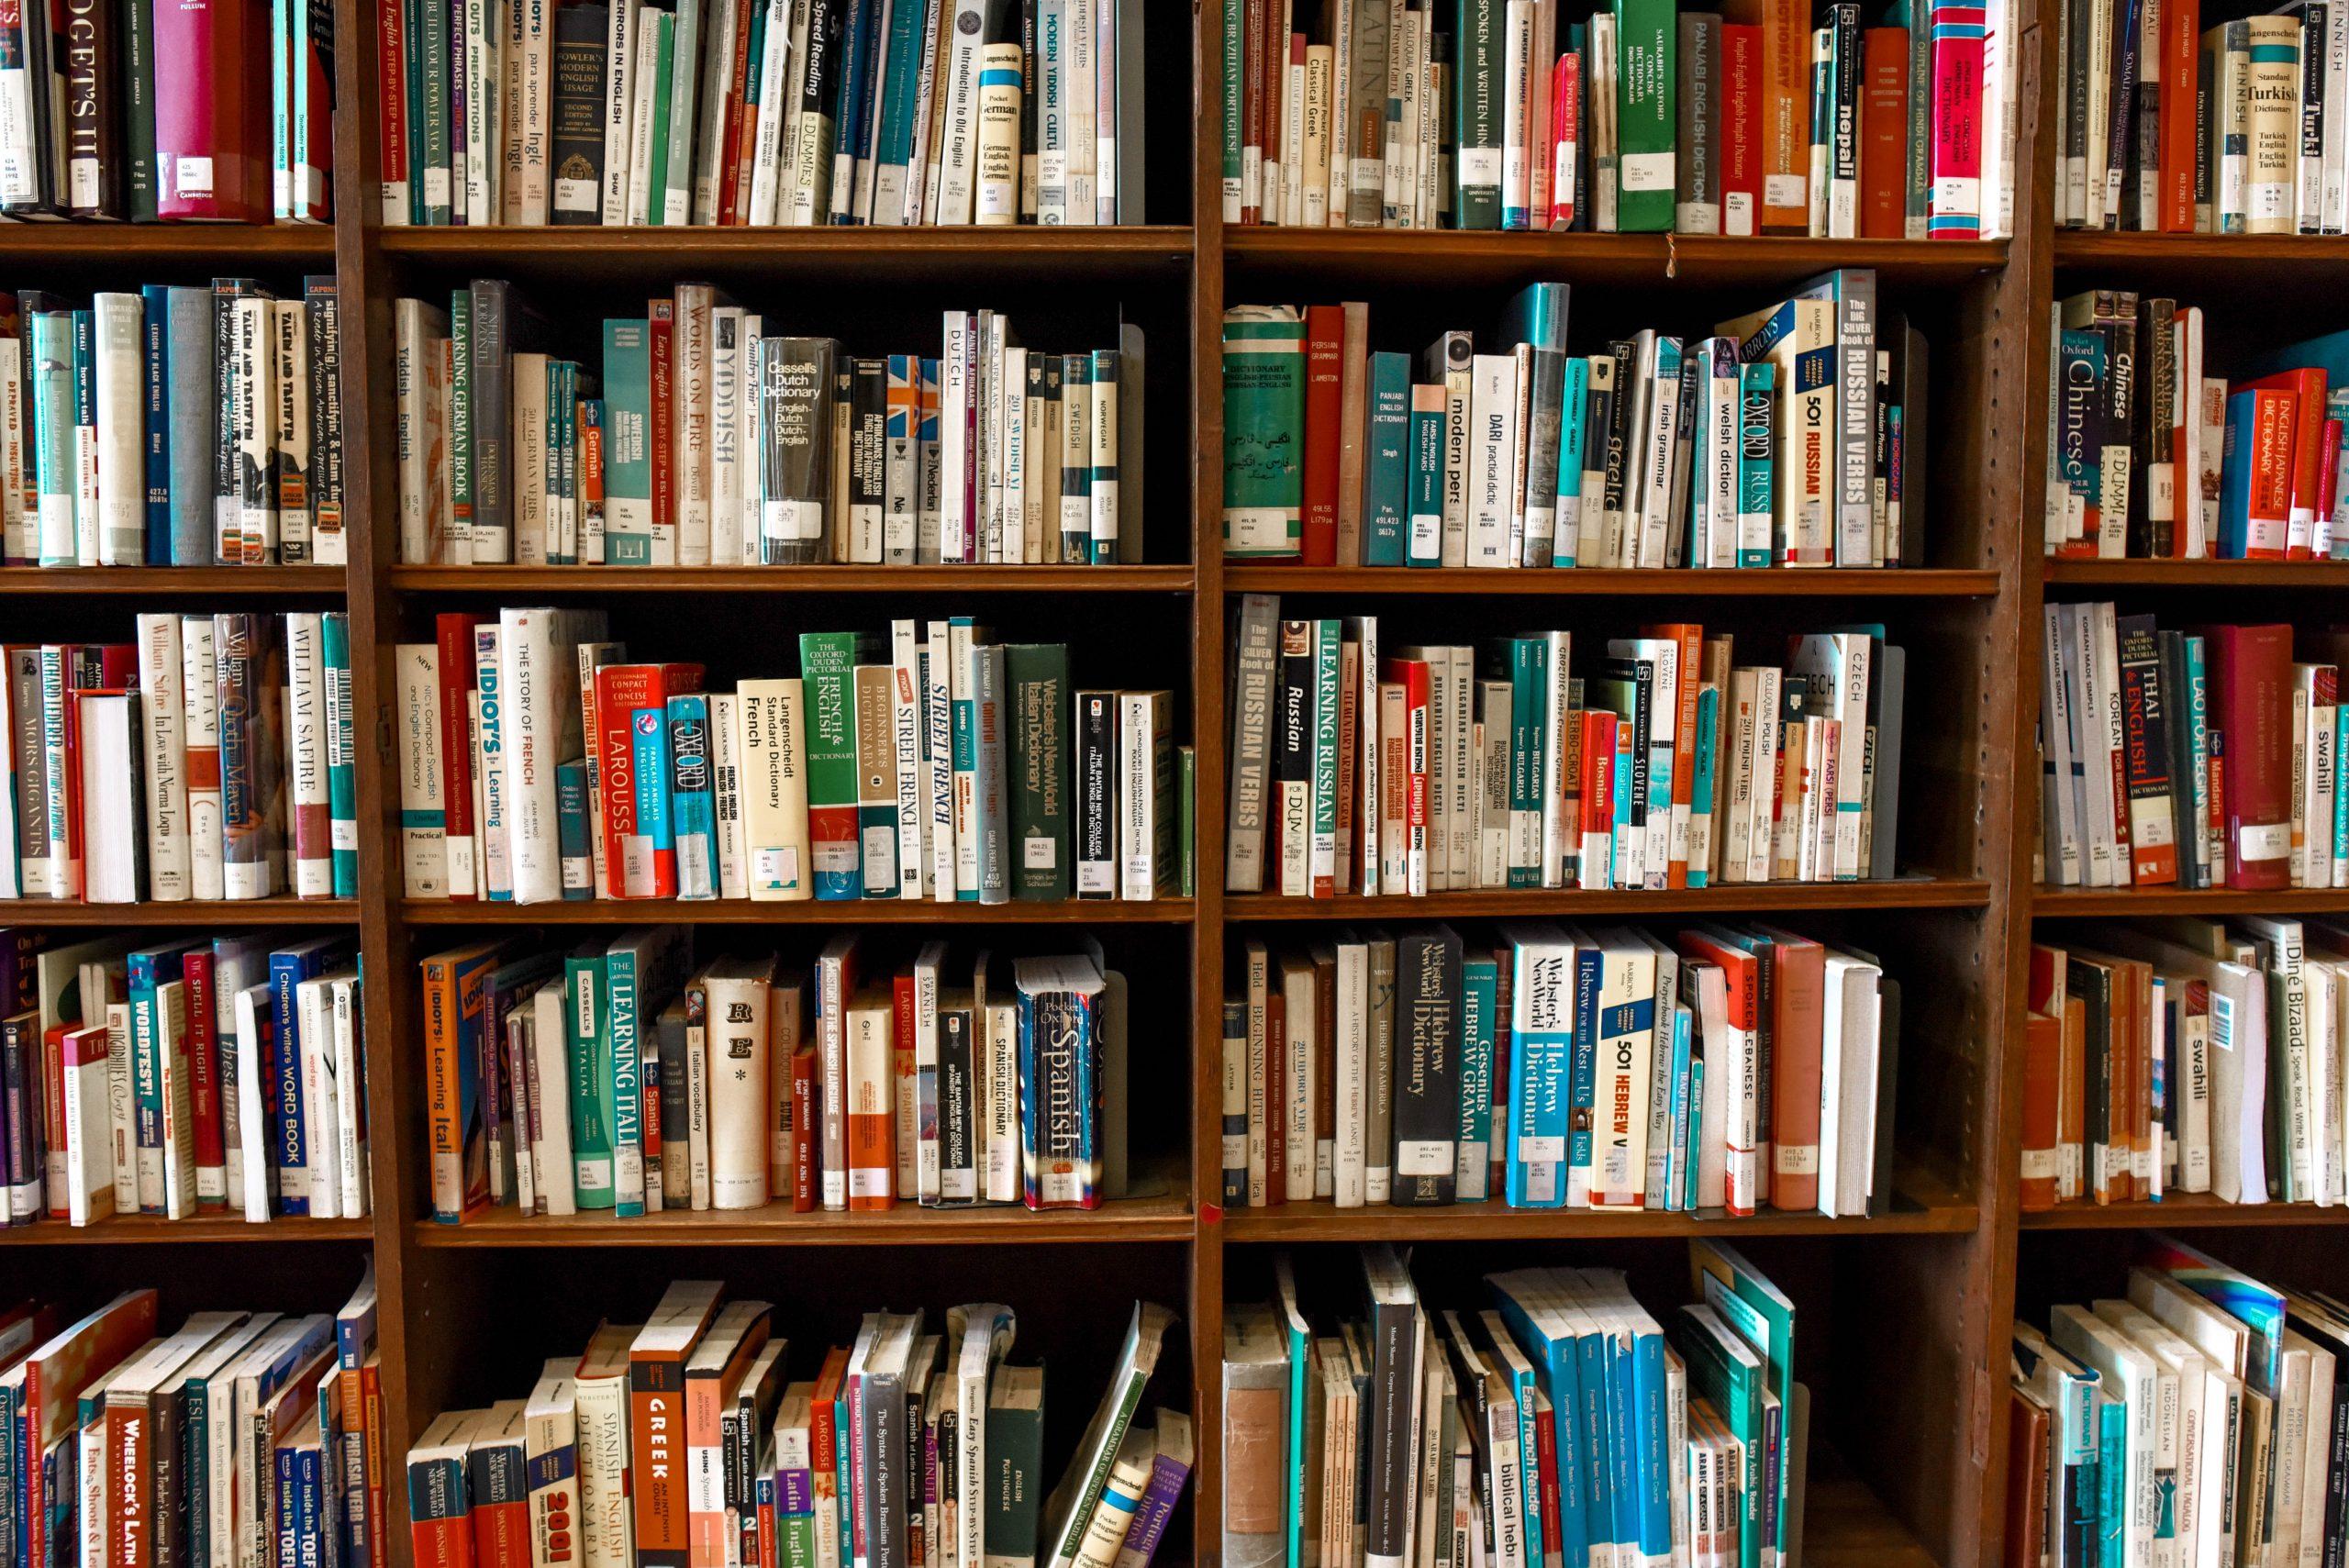 Venta de libros aumenta en el Reino Unido... para tenerlos como fondo de Zoom